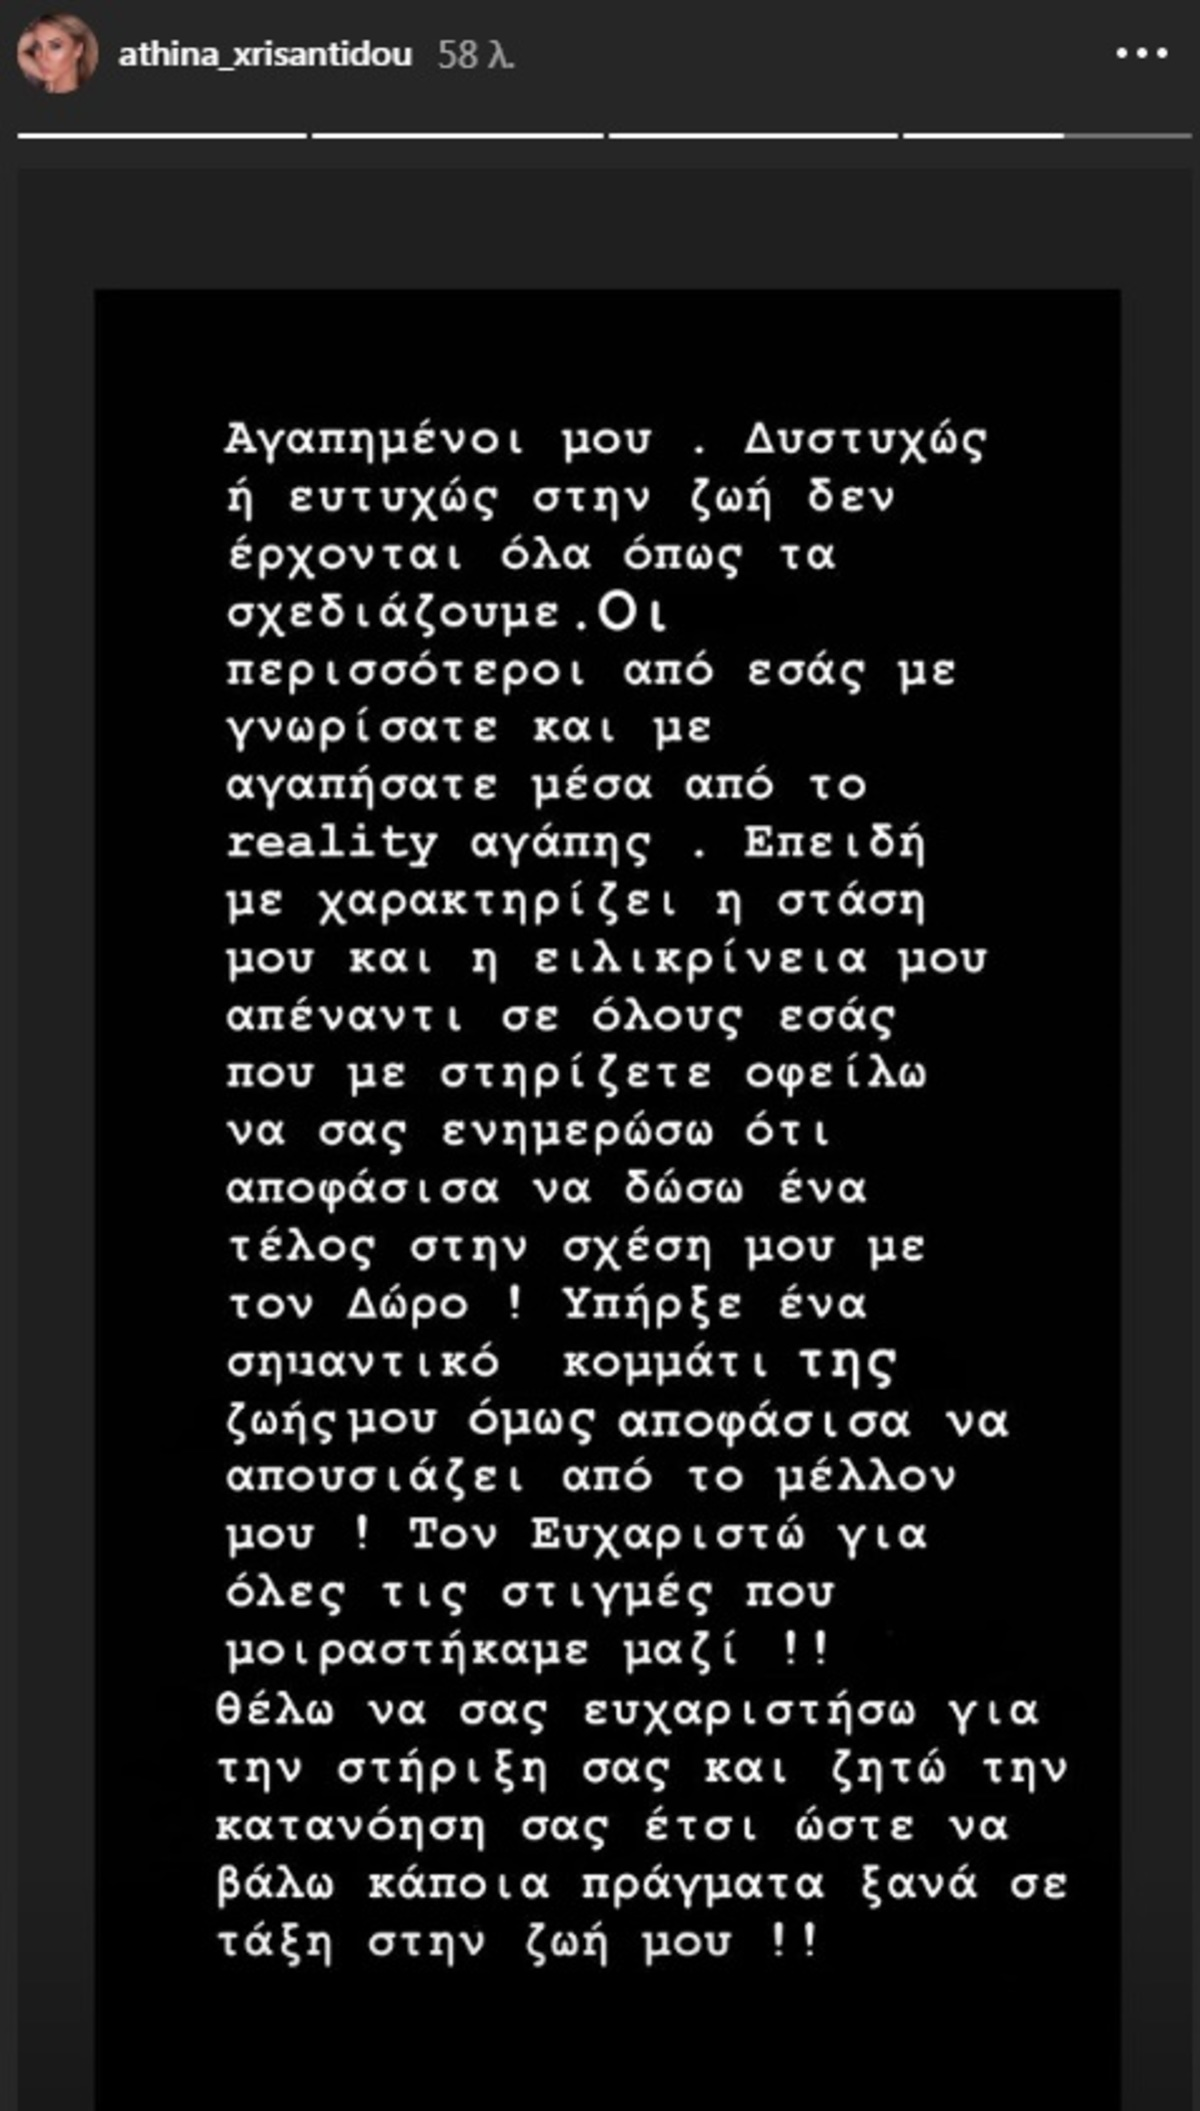 Δώρος Παναγίδης Αθηνά Χρυσαντίδου